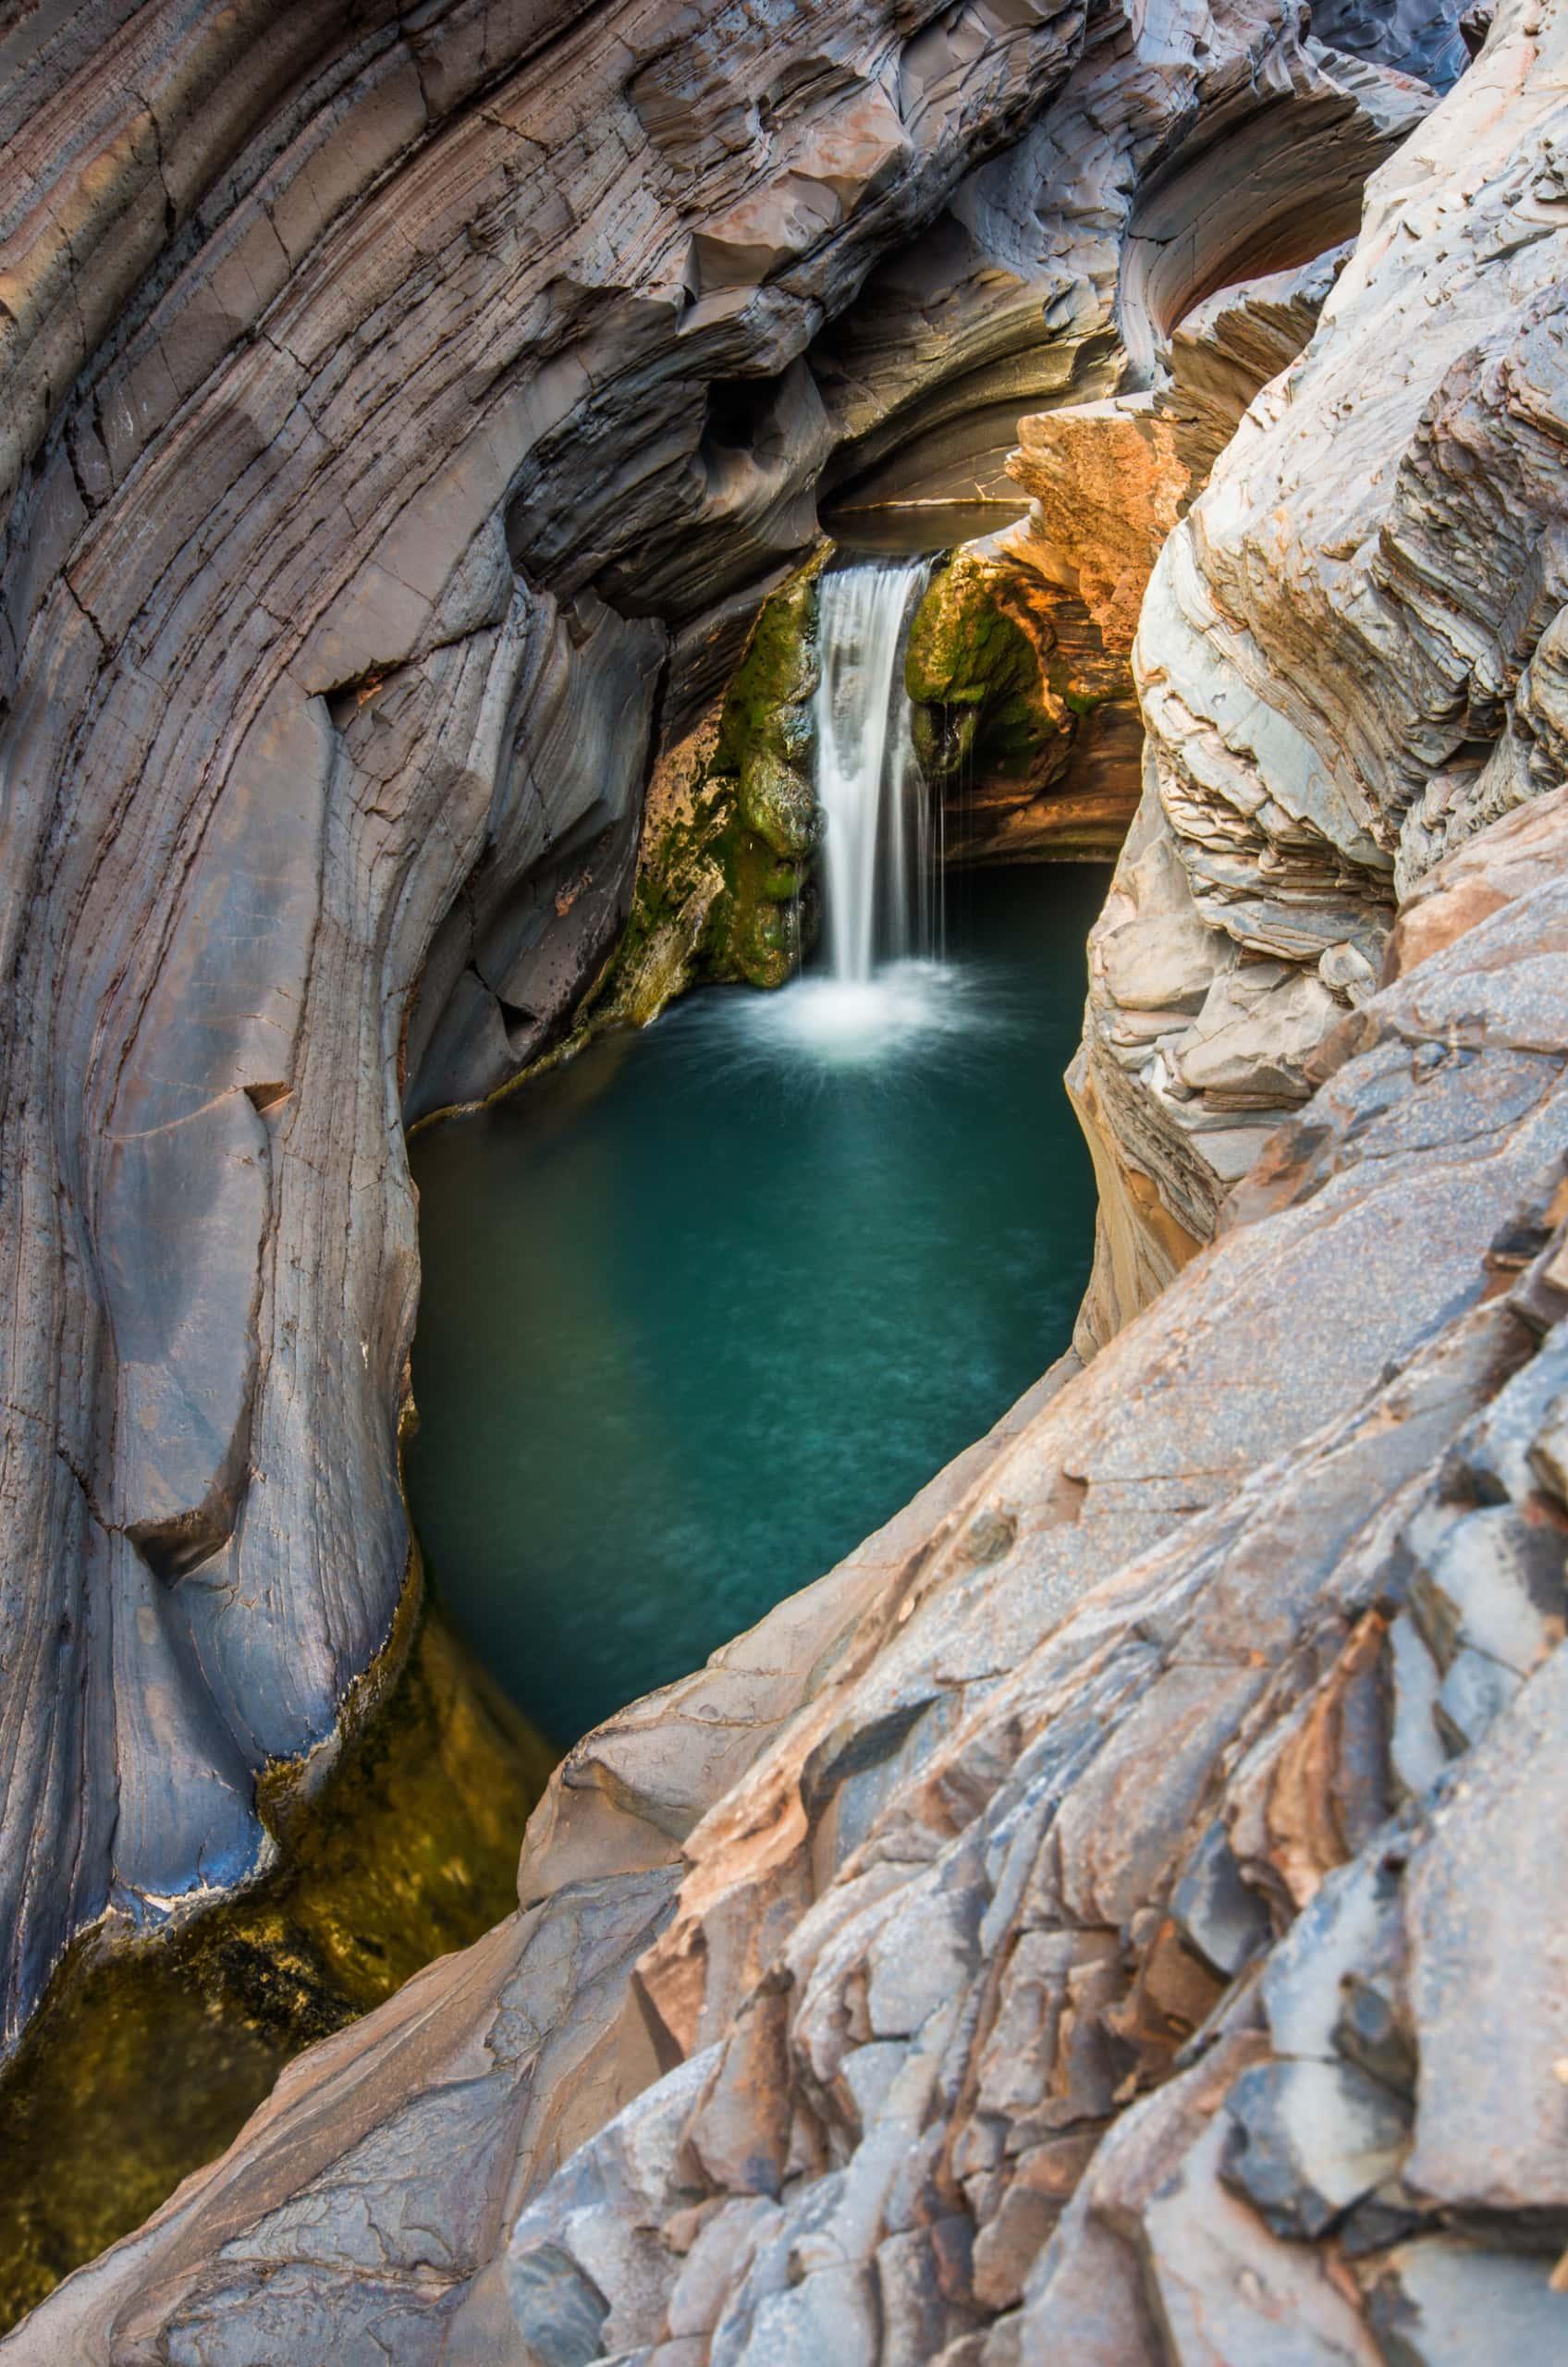 Schlucht im Karijini Nationalpark in Westaustralien